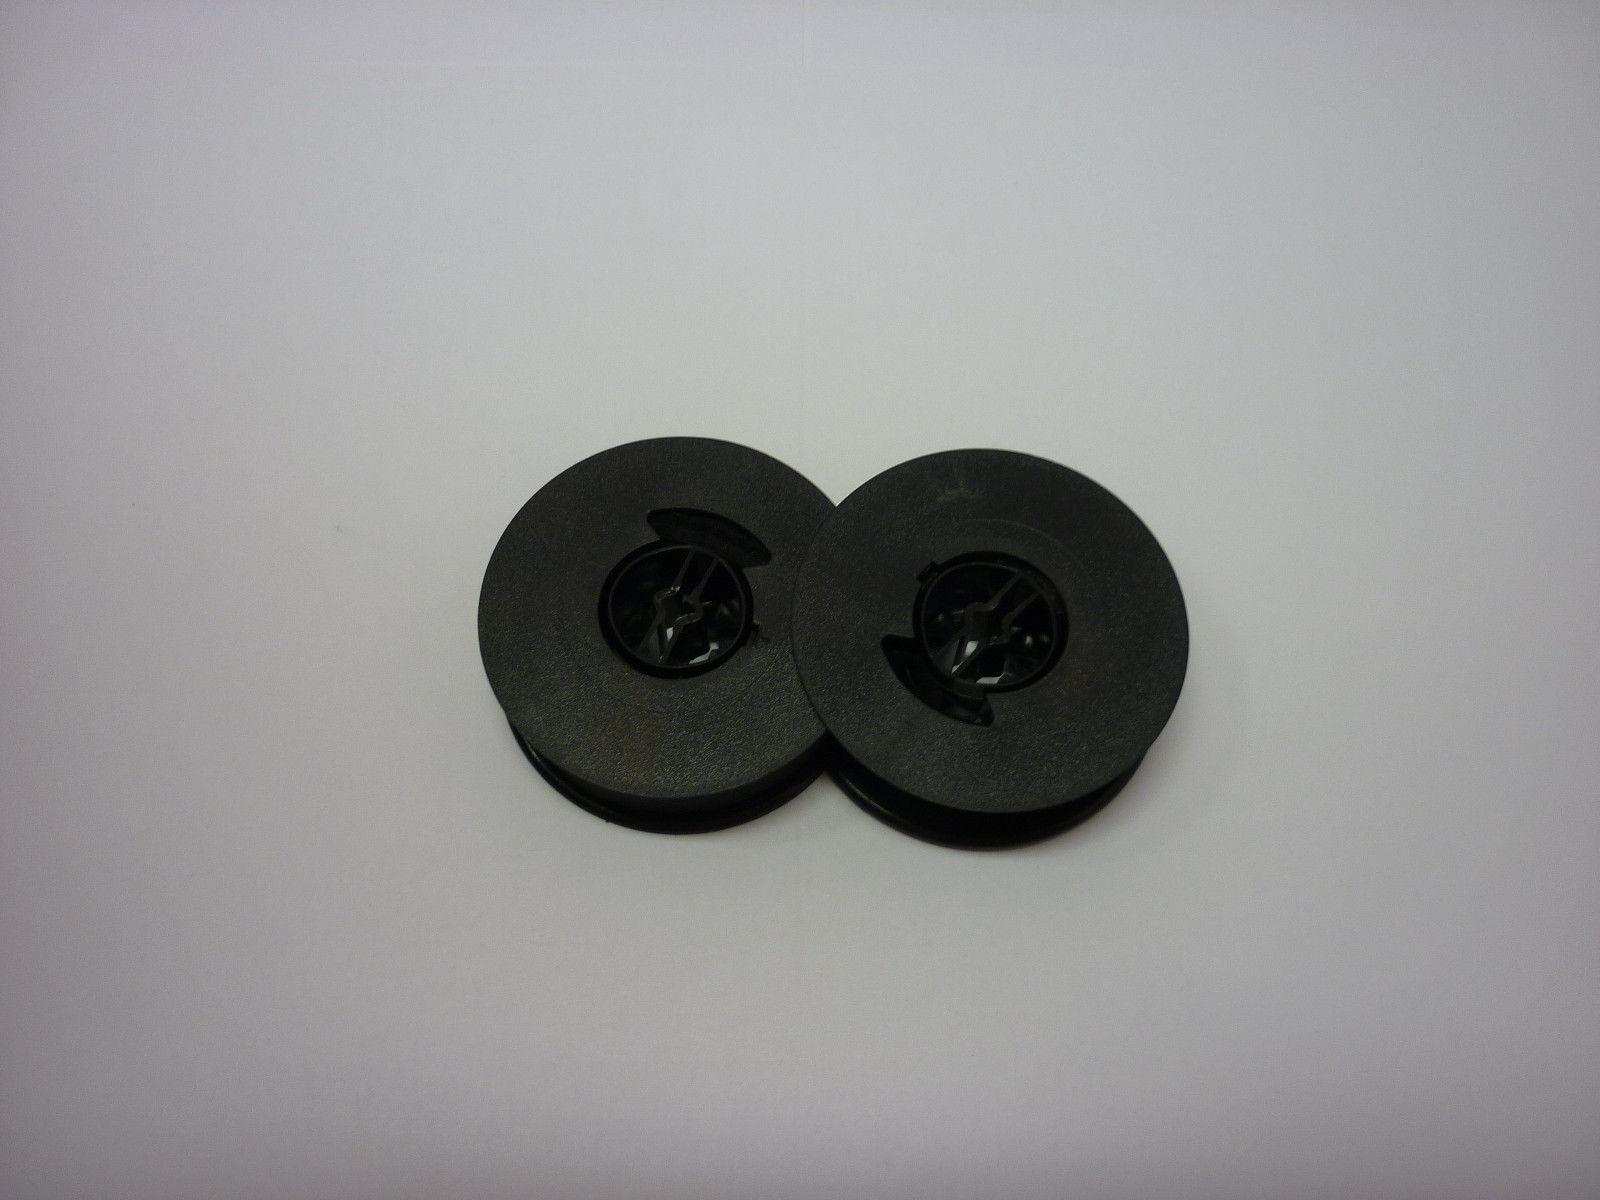 Olivetti Lettera 22 Typewriter Ribbon Black Twin Spool (2 Pack)